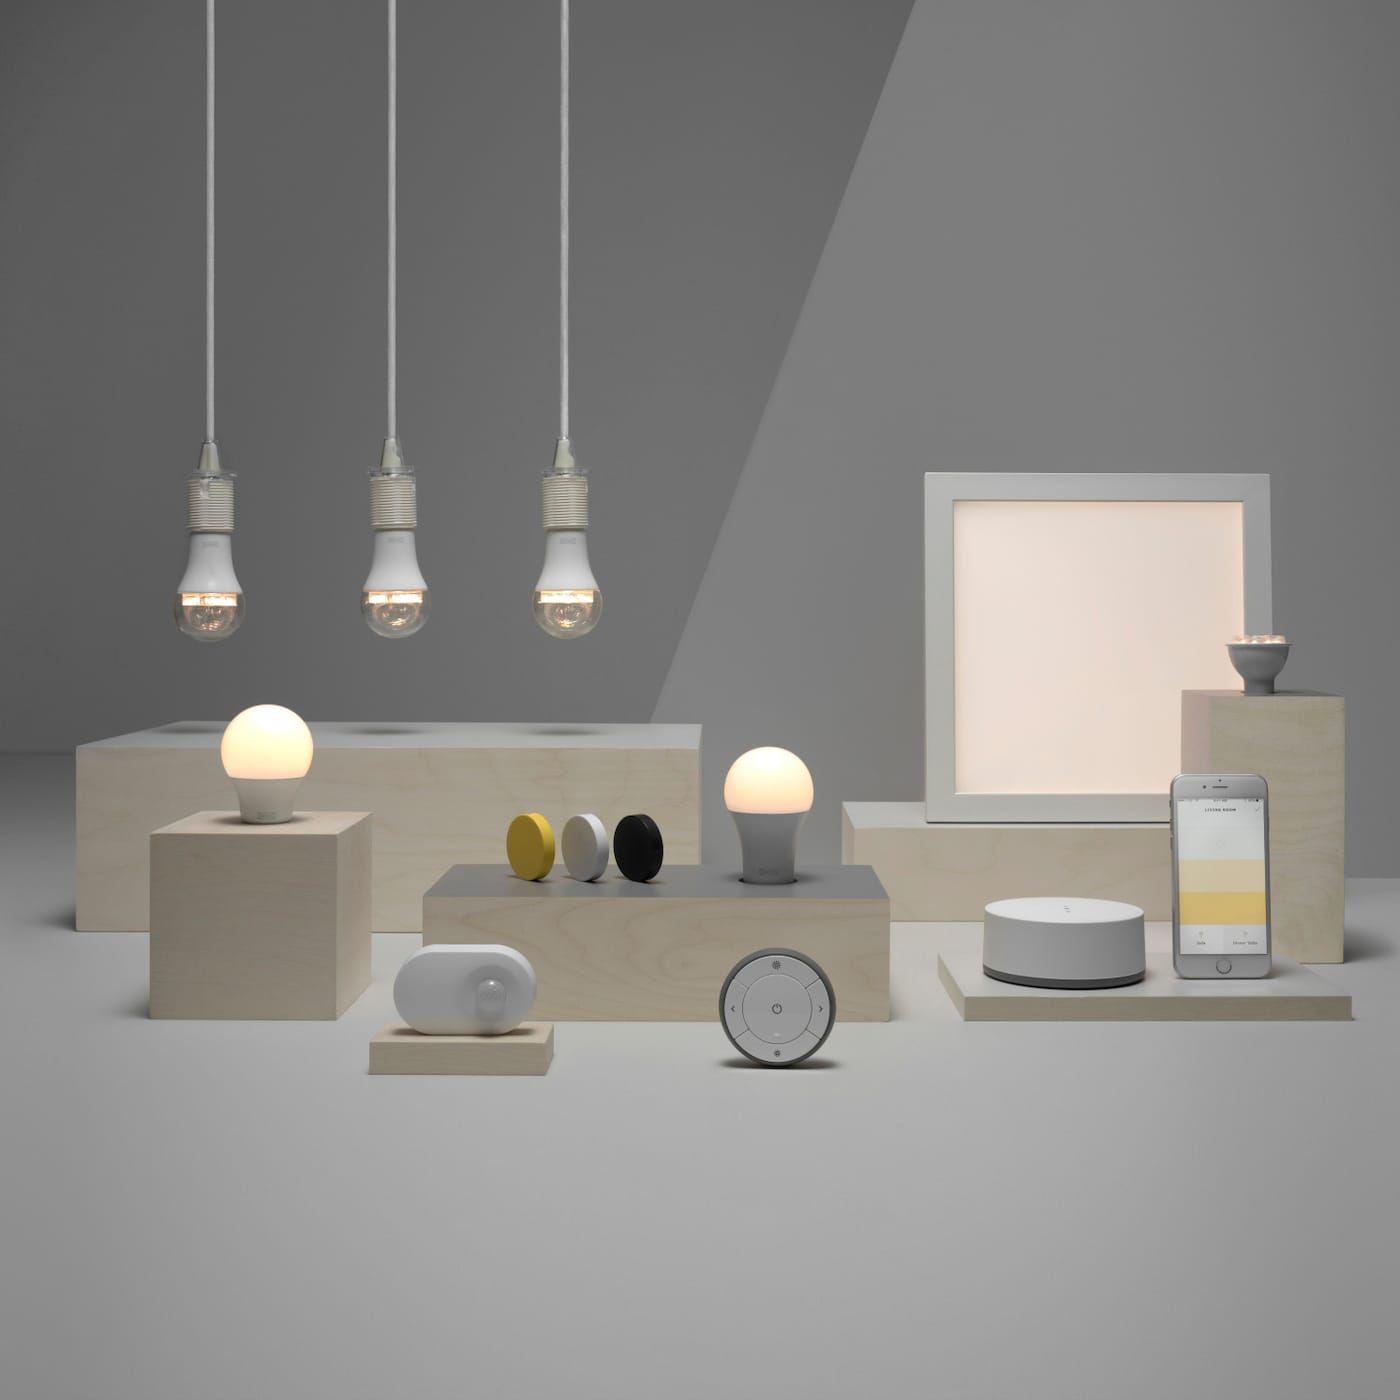 Tradfri Home Smart Beleuchtung Beleuchtung Fur Zuhause Kit Hauser Ikea Lampen